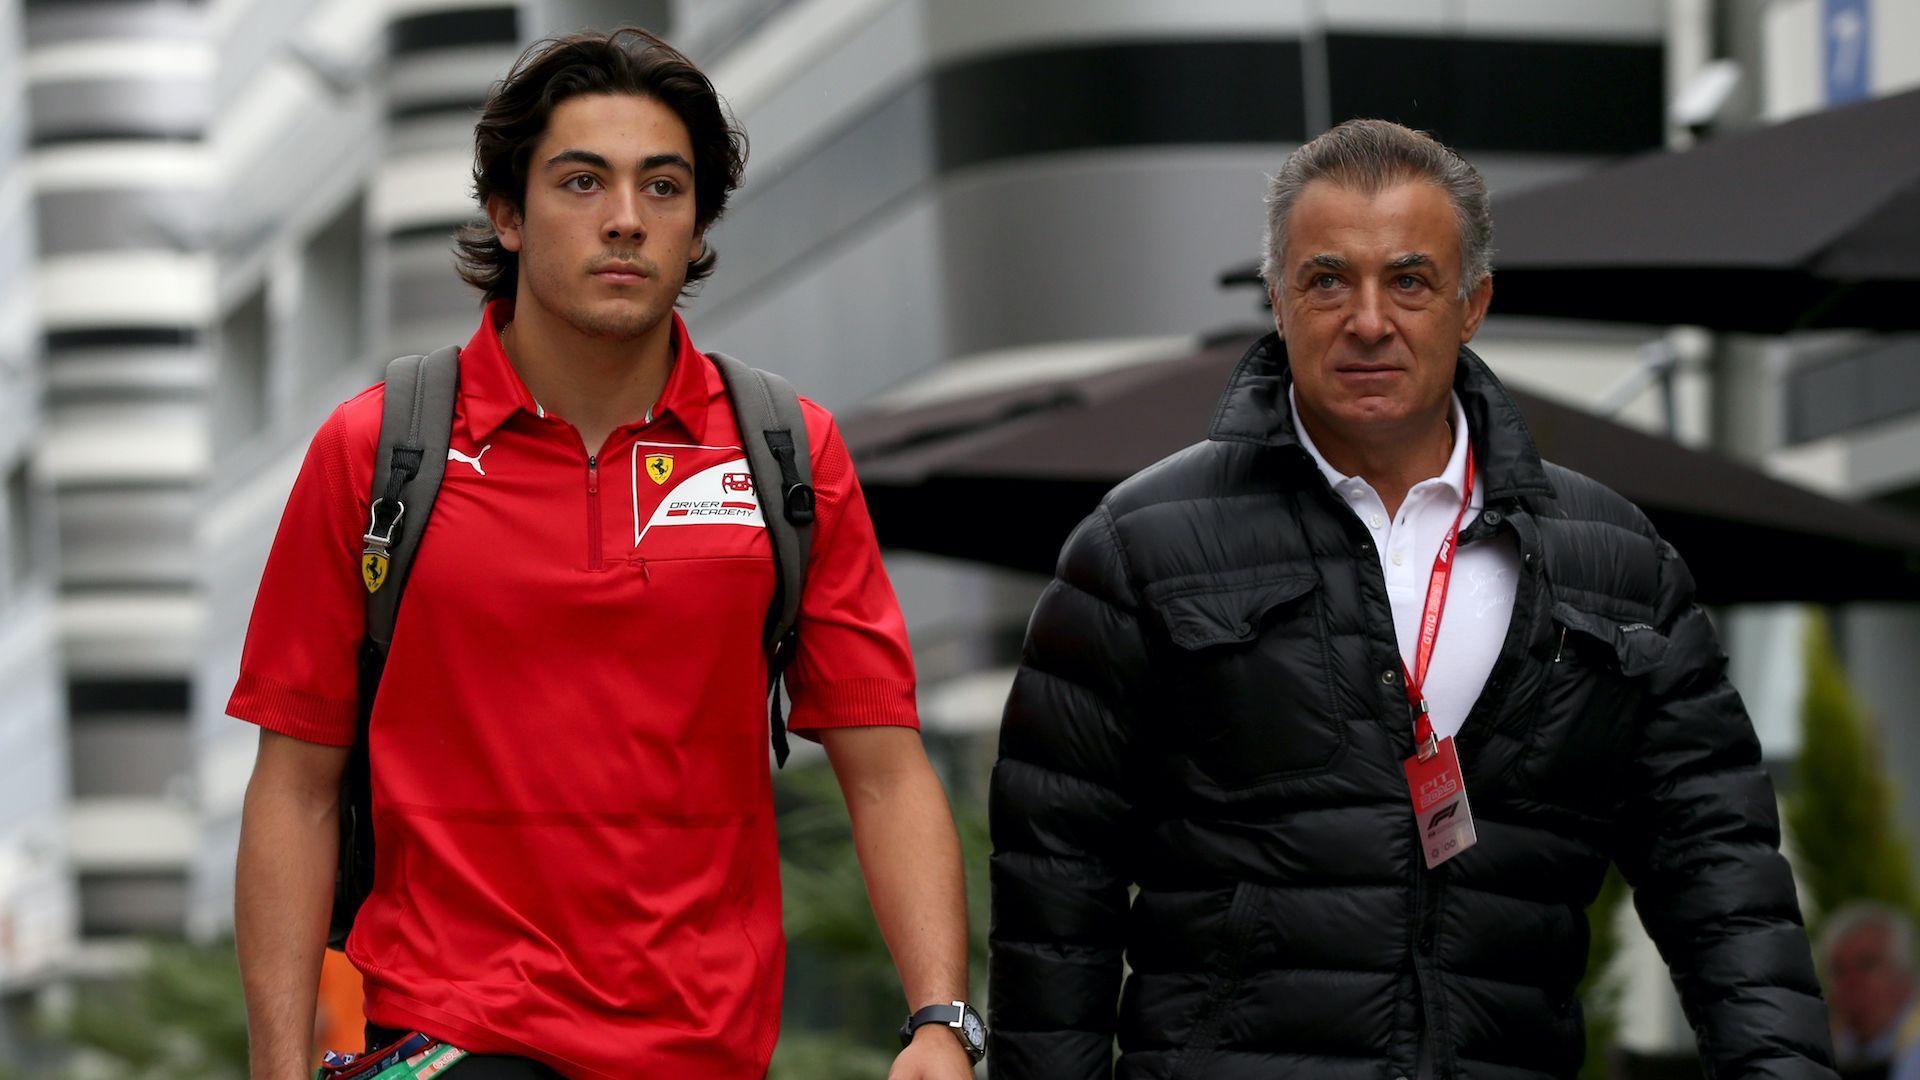 Звездата от Формула 1 Жан Алези продаде суперкола заради мечтата на сина си